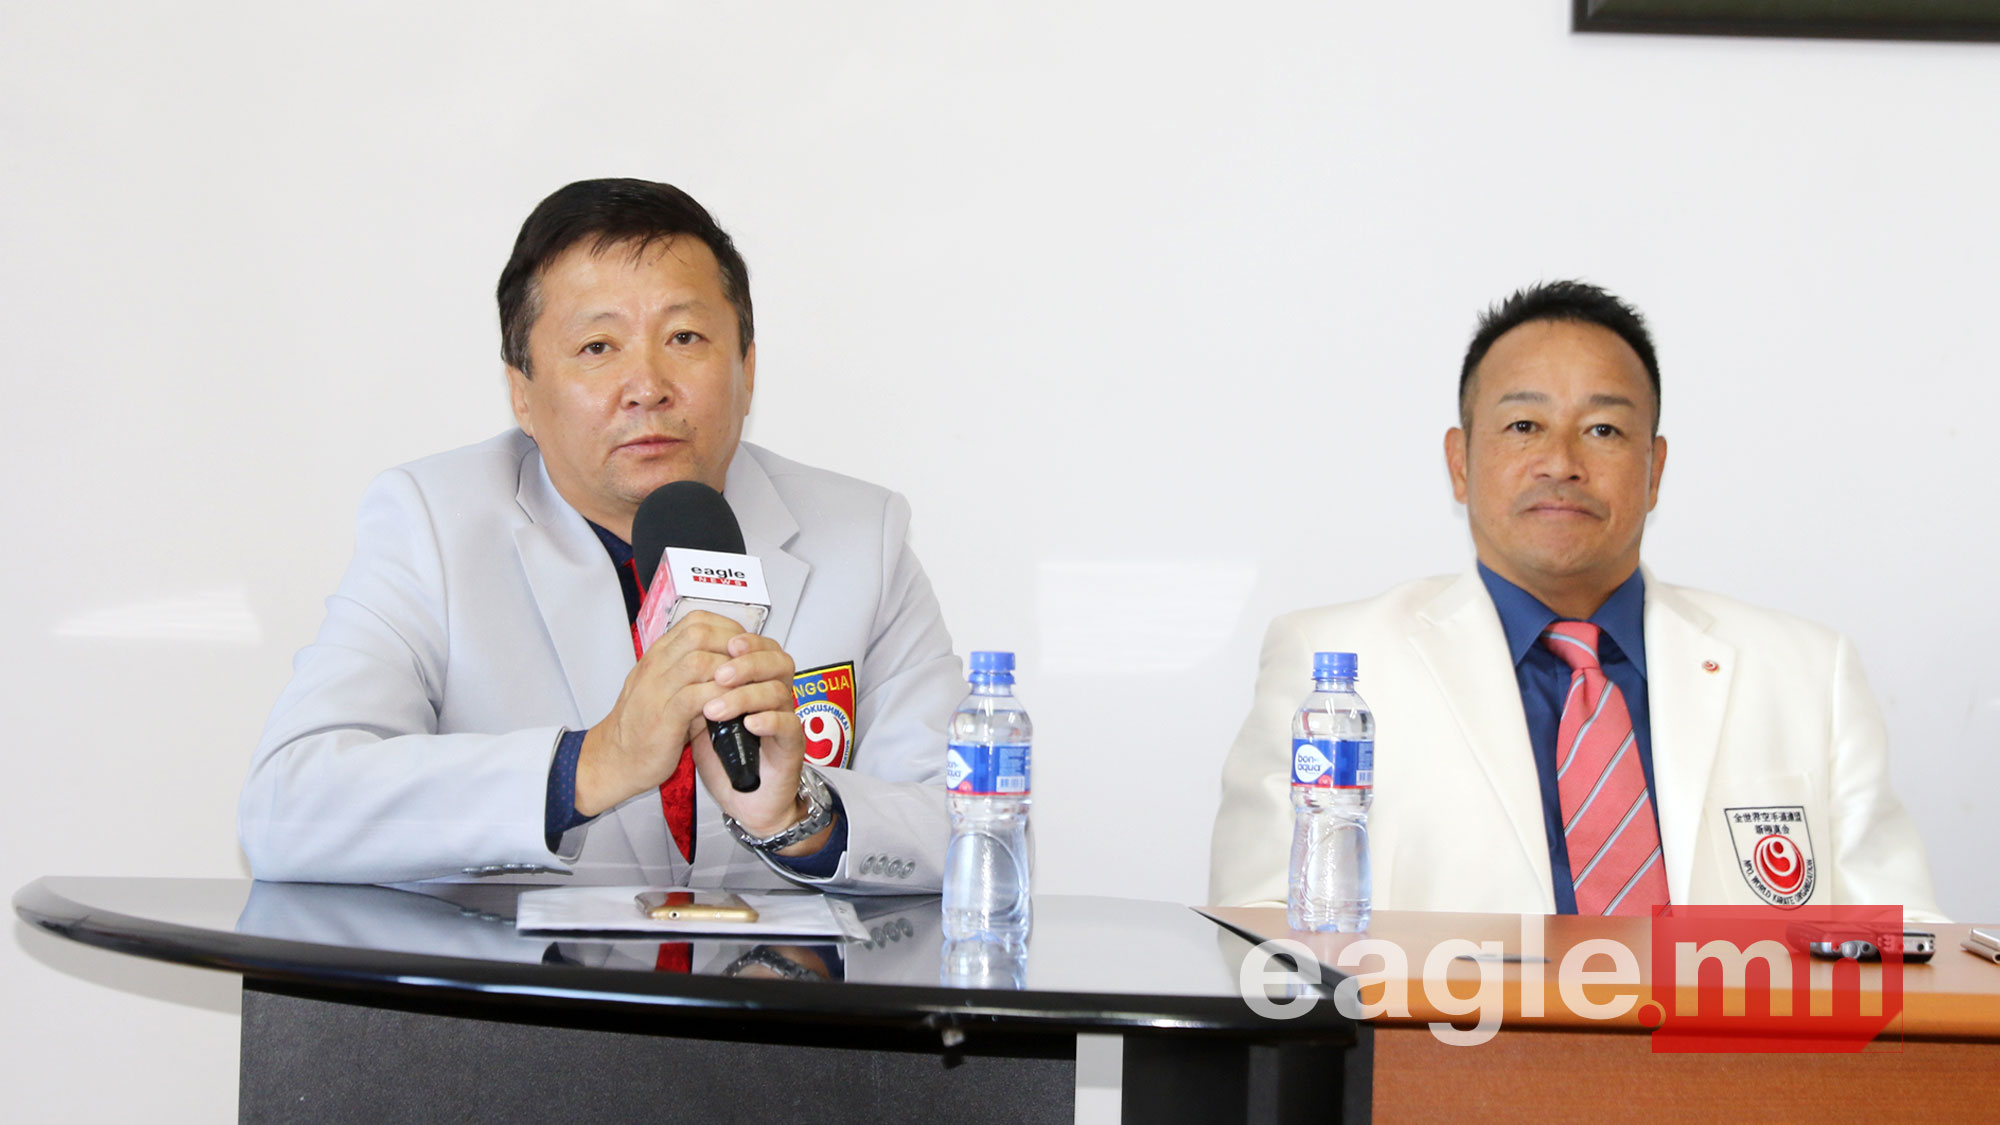 Шинкиокушинкай каратегийн амьд домог Кенжи Мидори Монголд зочилж байна